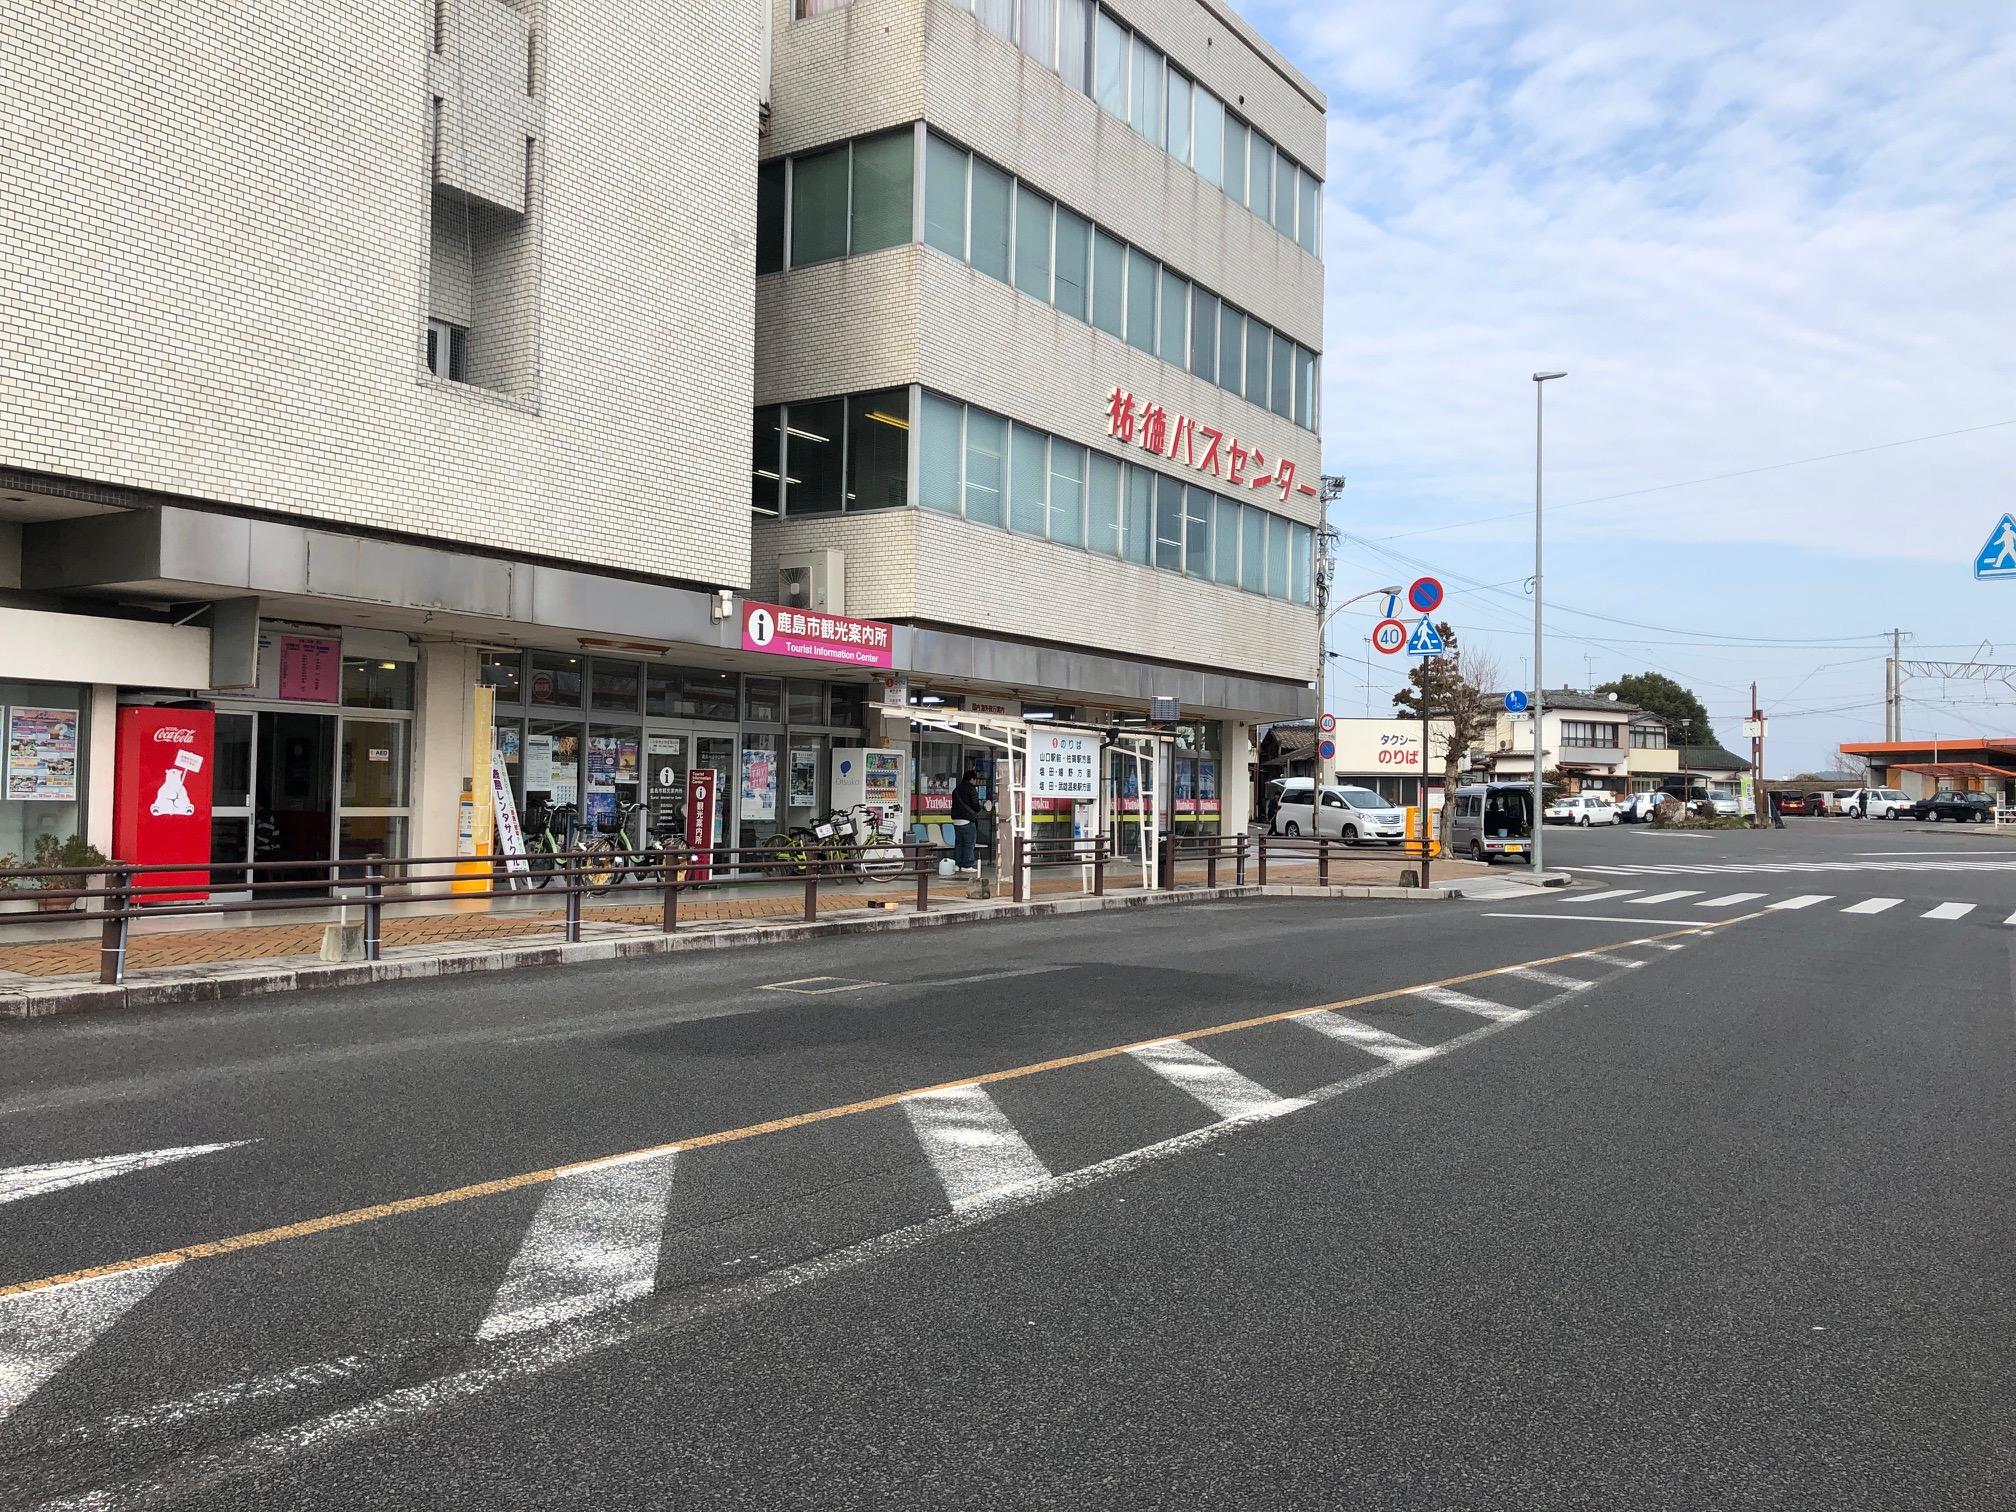 祐徳バス 鹿島バスセンター (HELLO CYCLING ポート) image